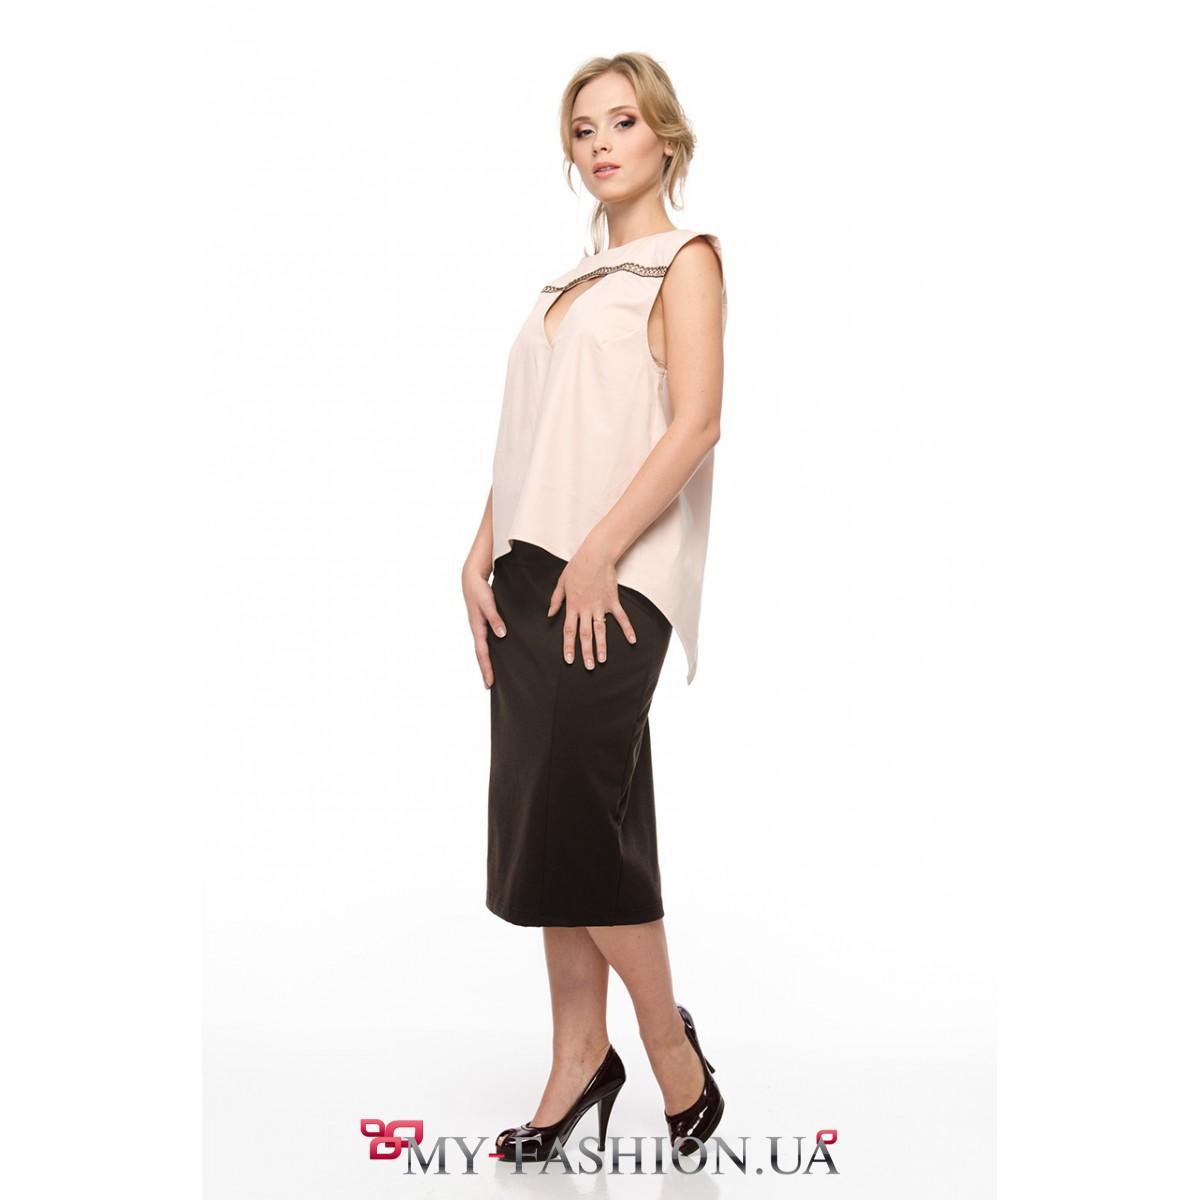 Асимметричная блузка с доставкой